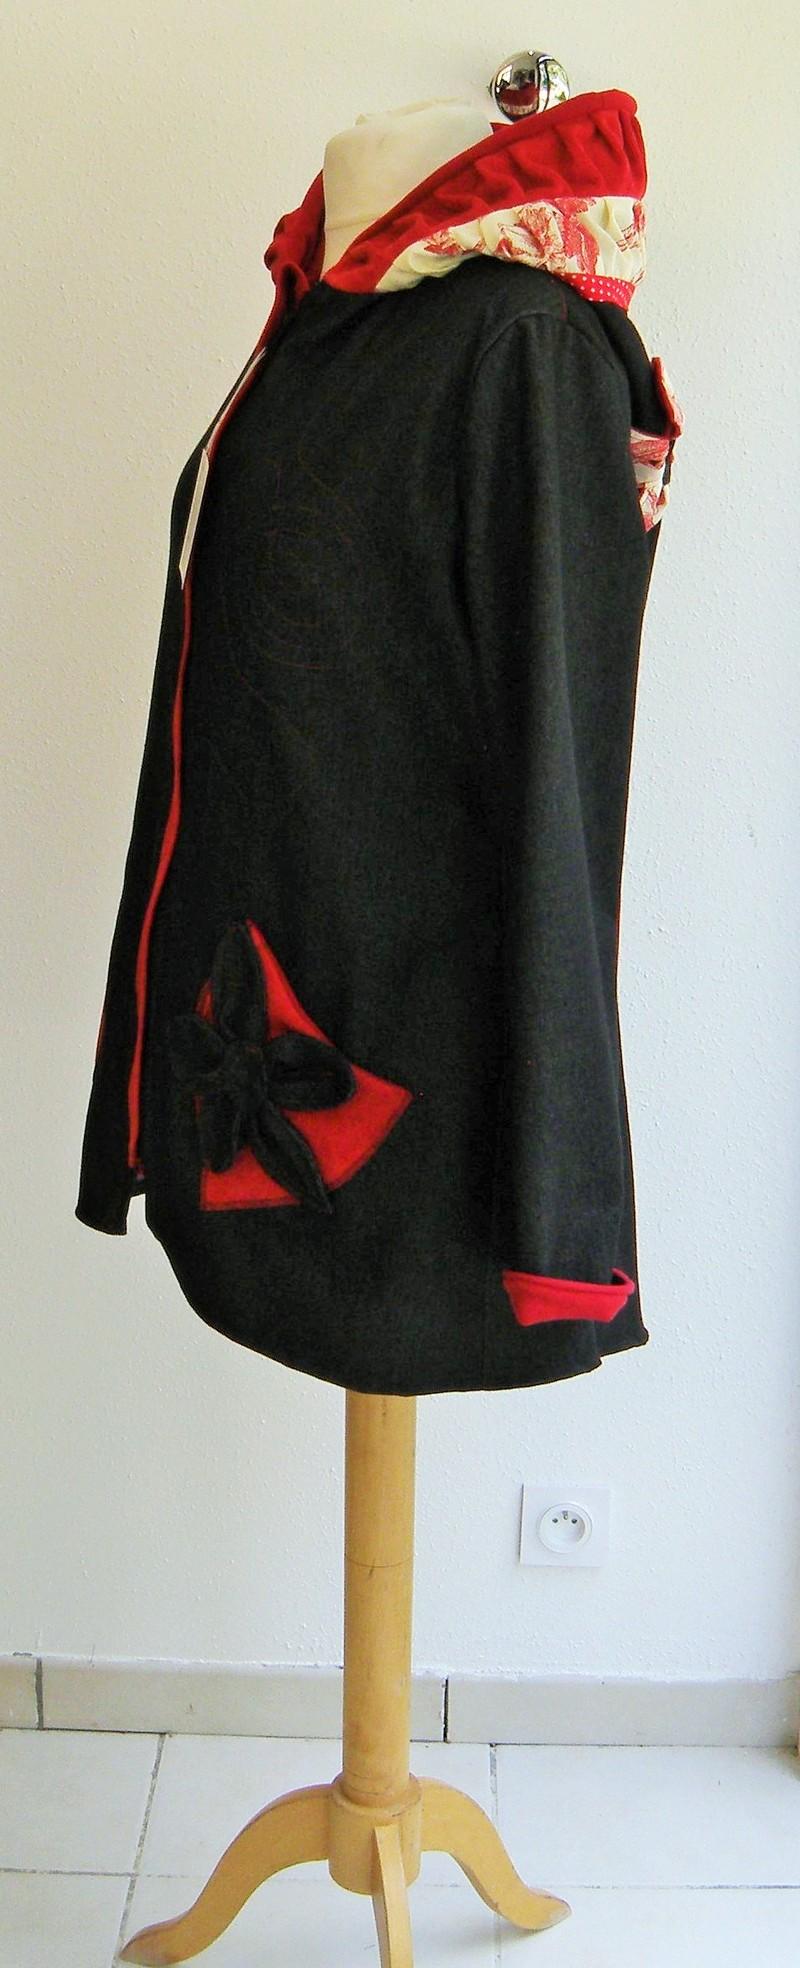 Veste lutin en jean noir doublée micro rouge + coton ecru/rouge T40-5172